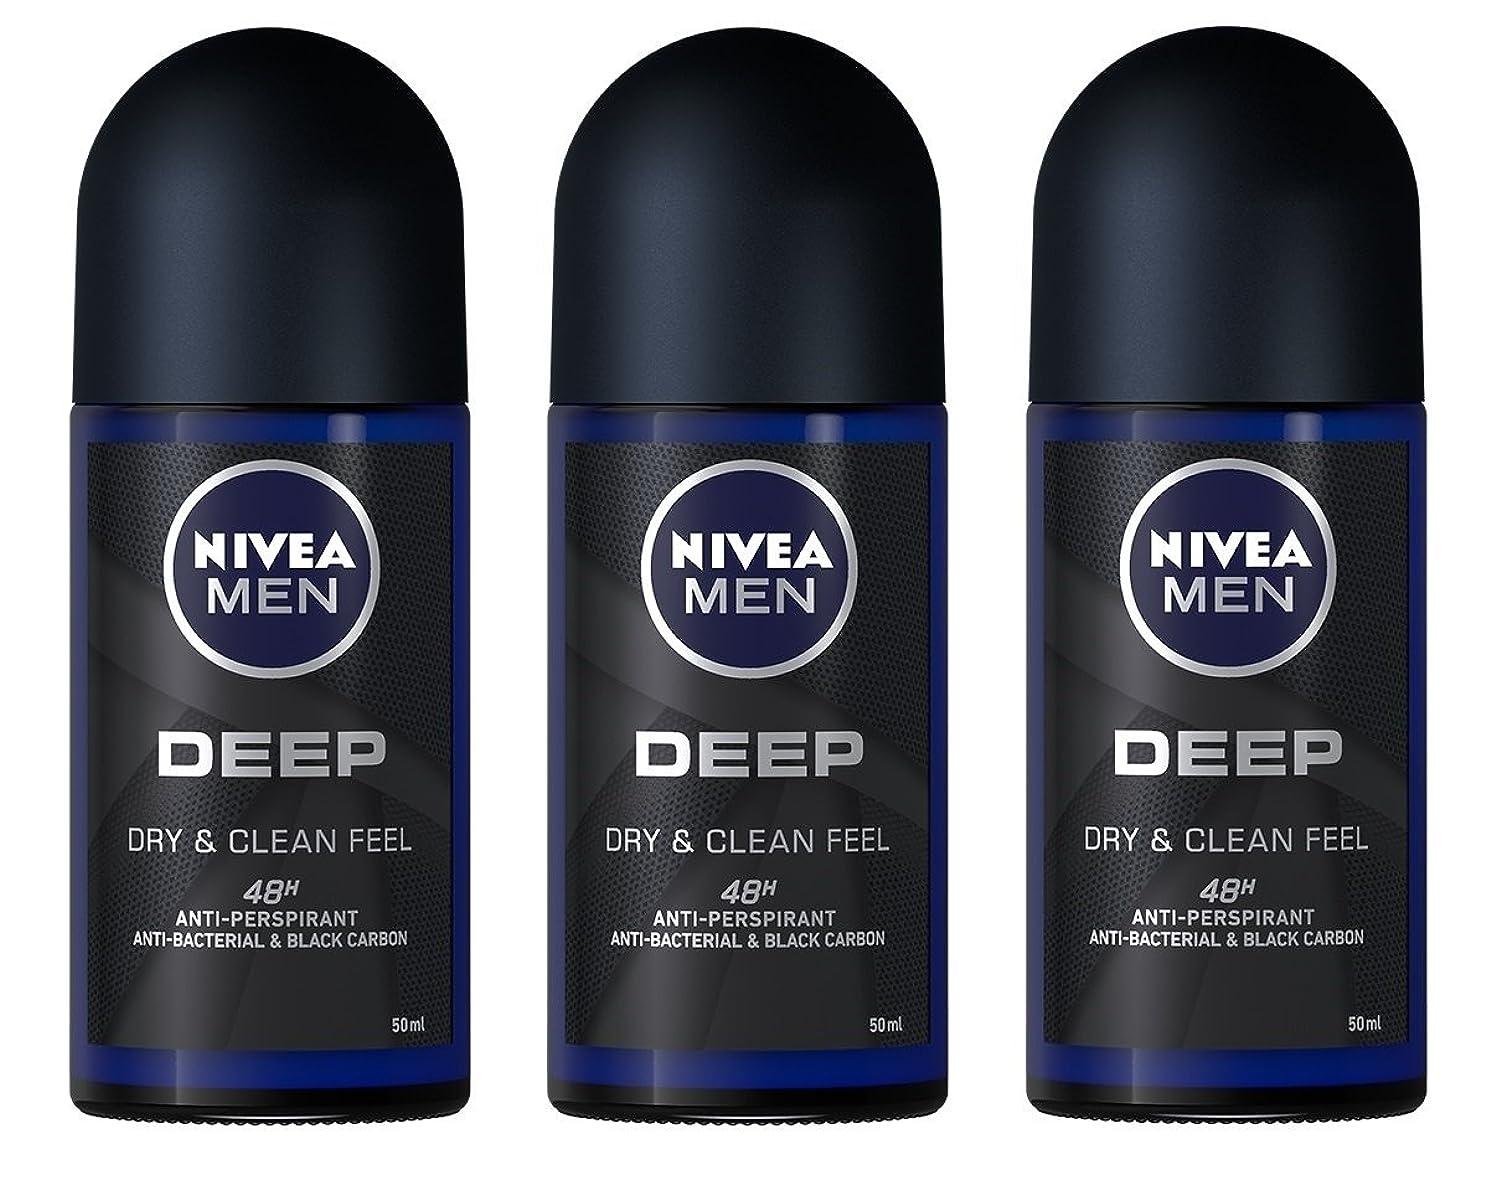 札入れアリ寝具(Pack of 3) Nivea Deep Anti-perspirant Deodorant Roll On for Men 50ml - (3パック) ニベア深い制汗剤デオドラントロールオン男性用50ml